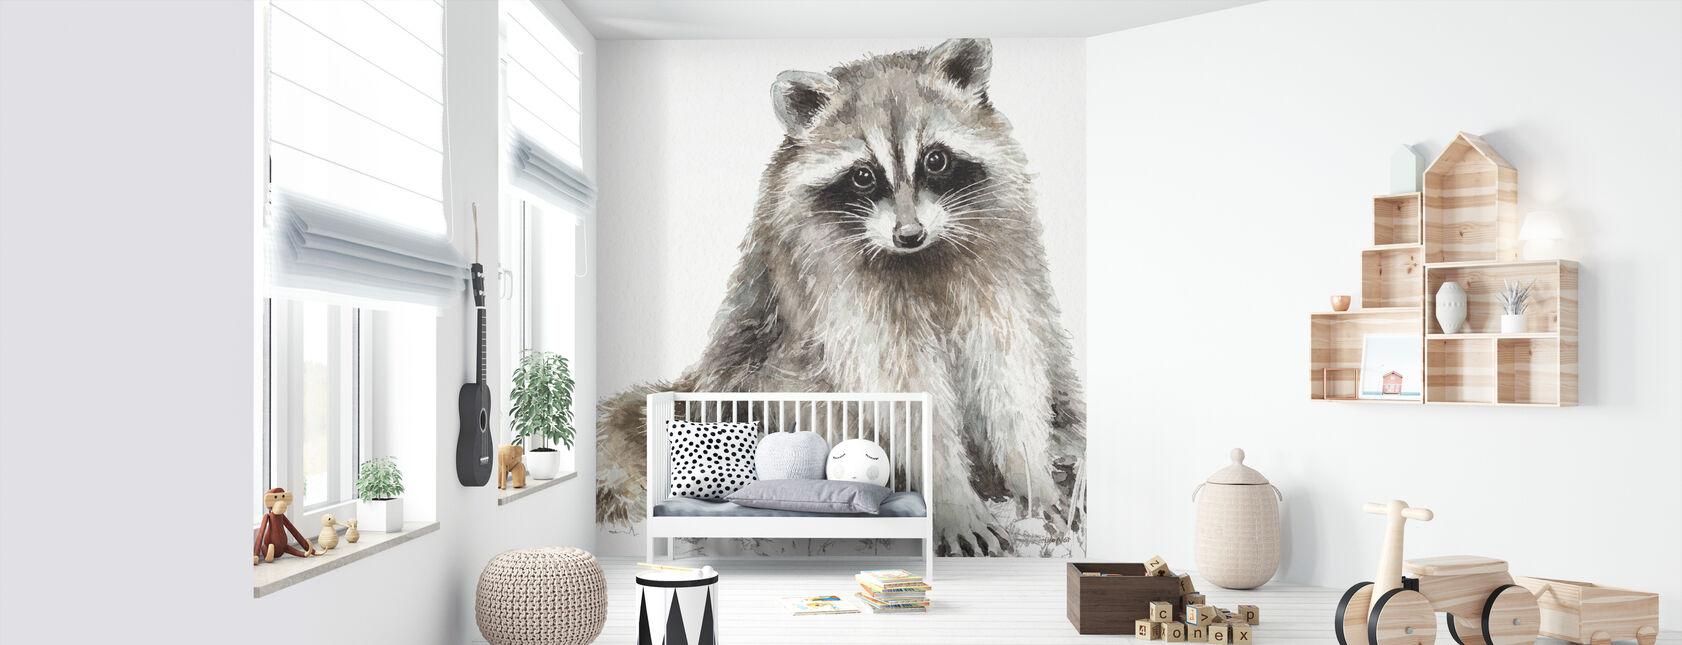 Metsä ystävät IIIII - Tapetti - Vauvan huone